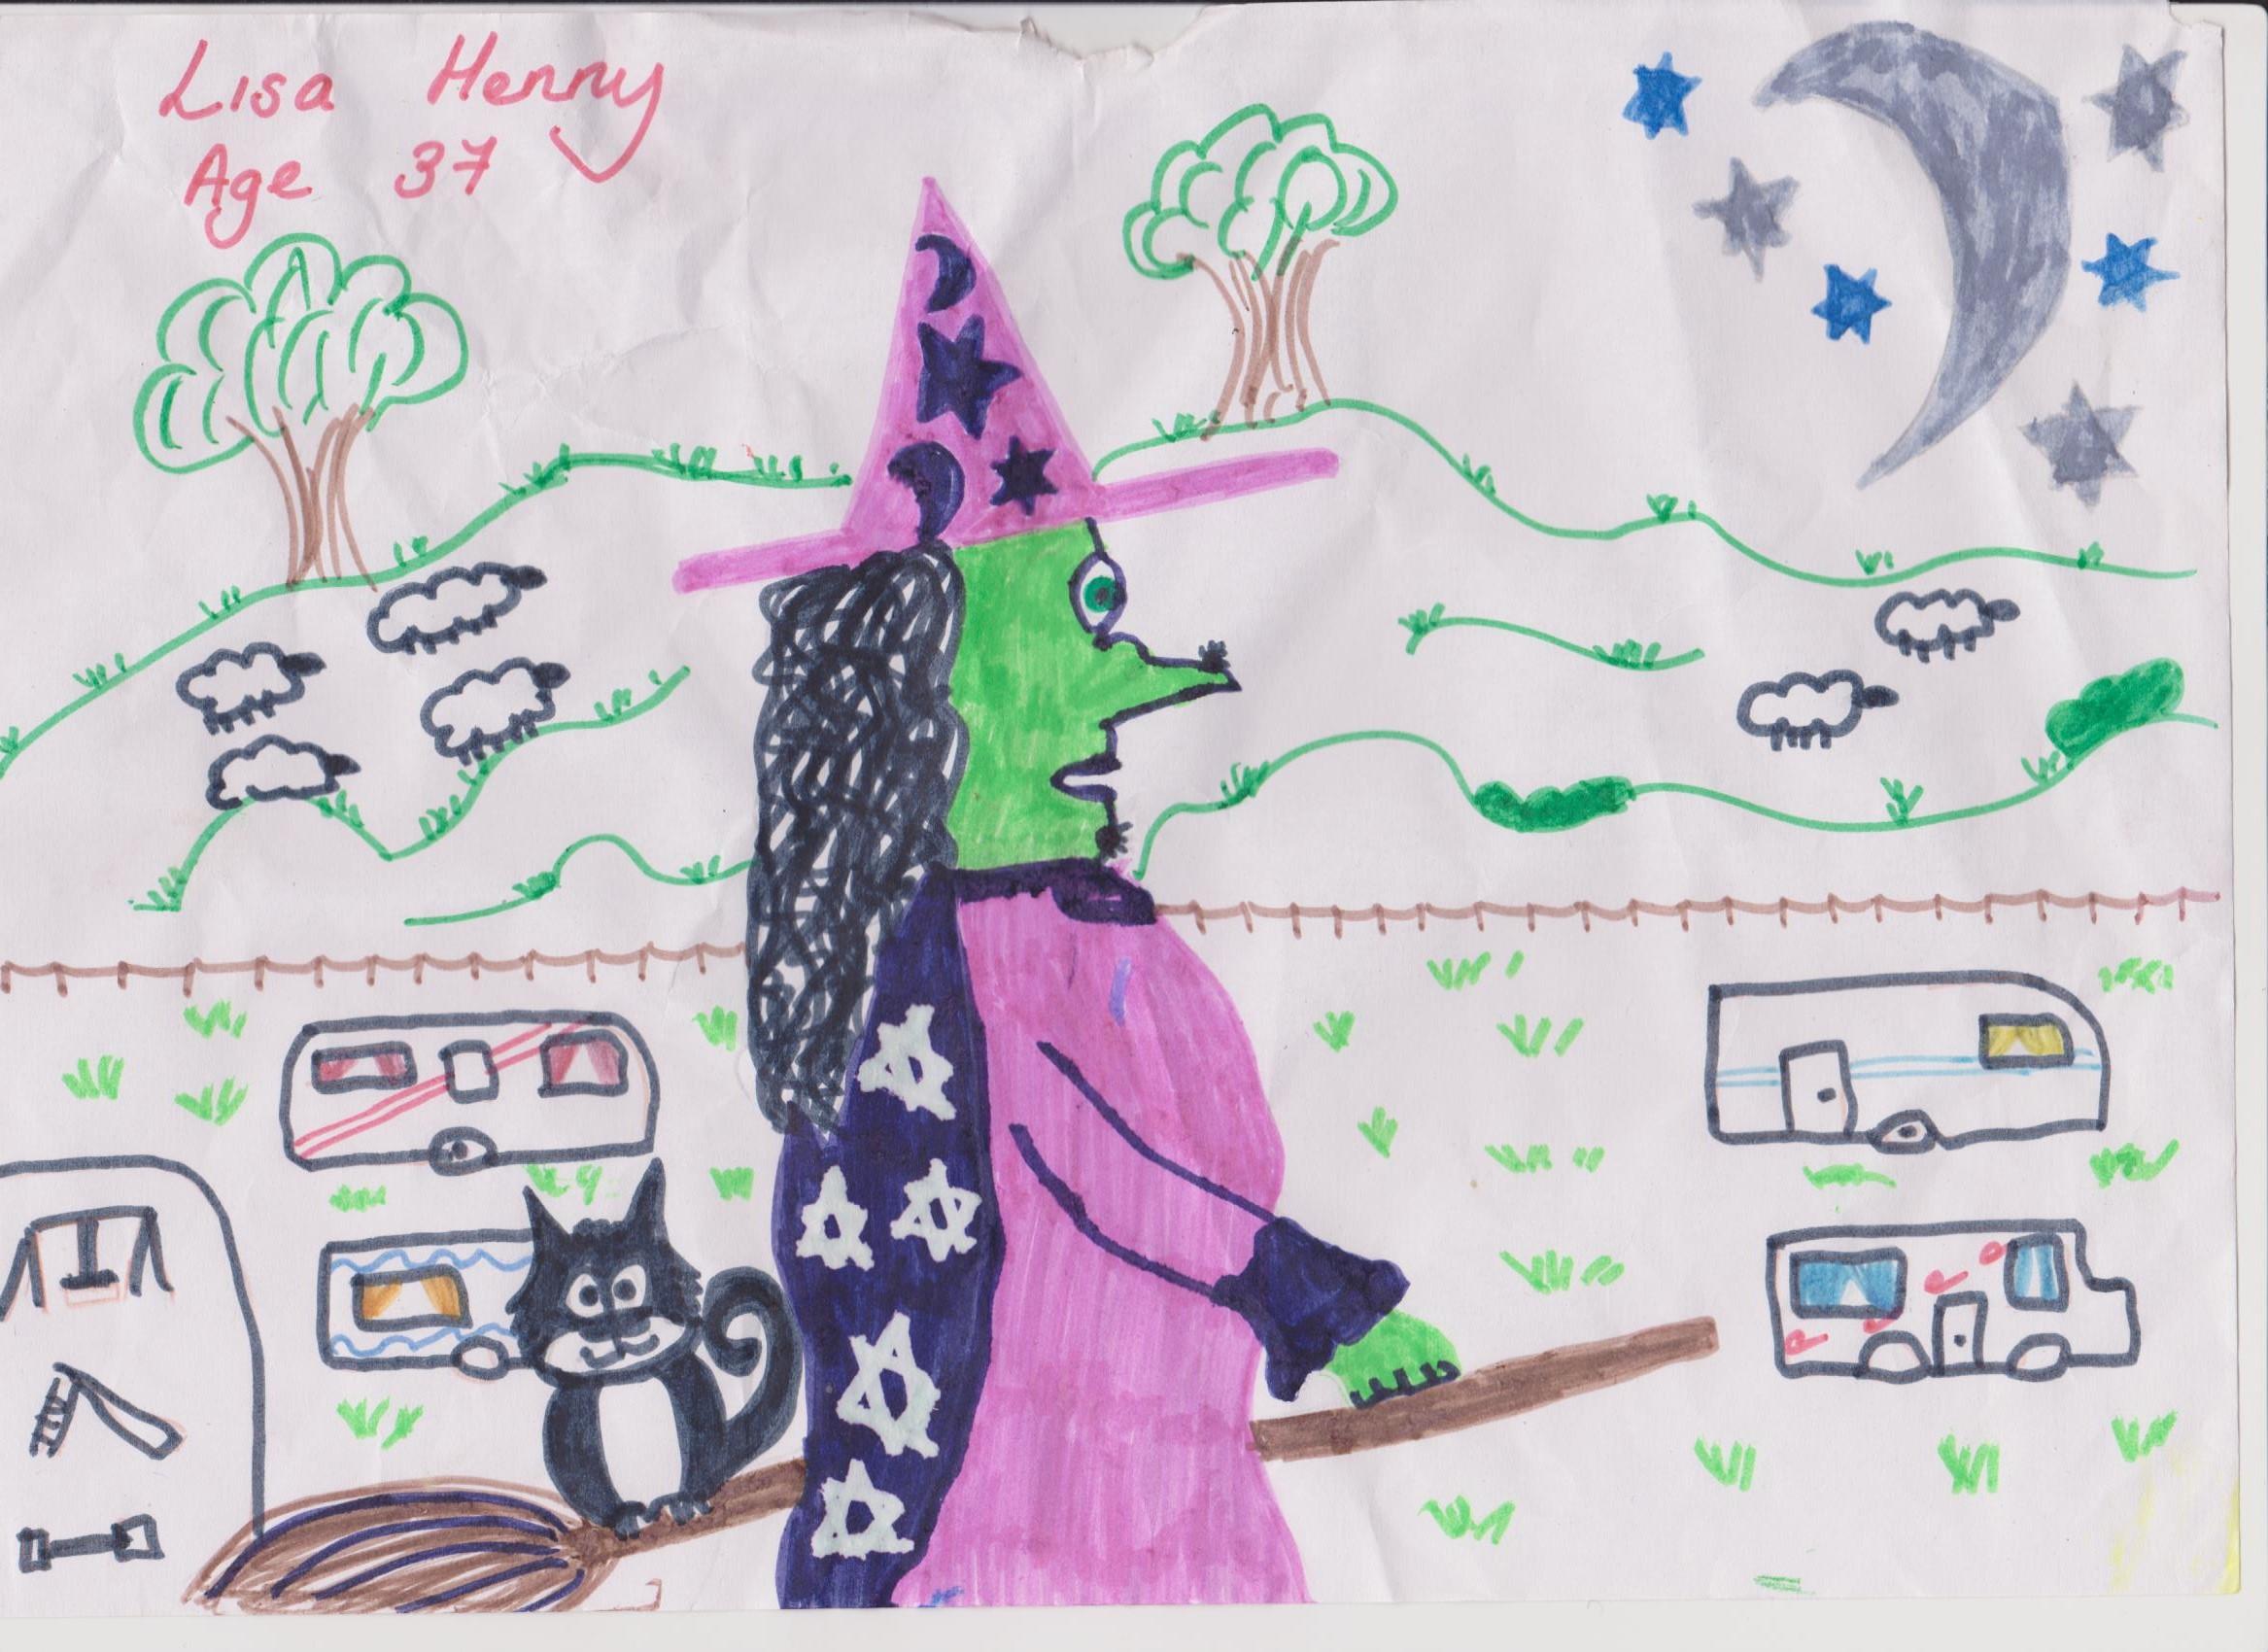 lisa-henry-age-37-002